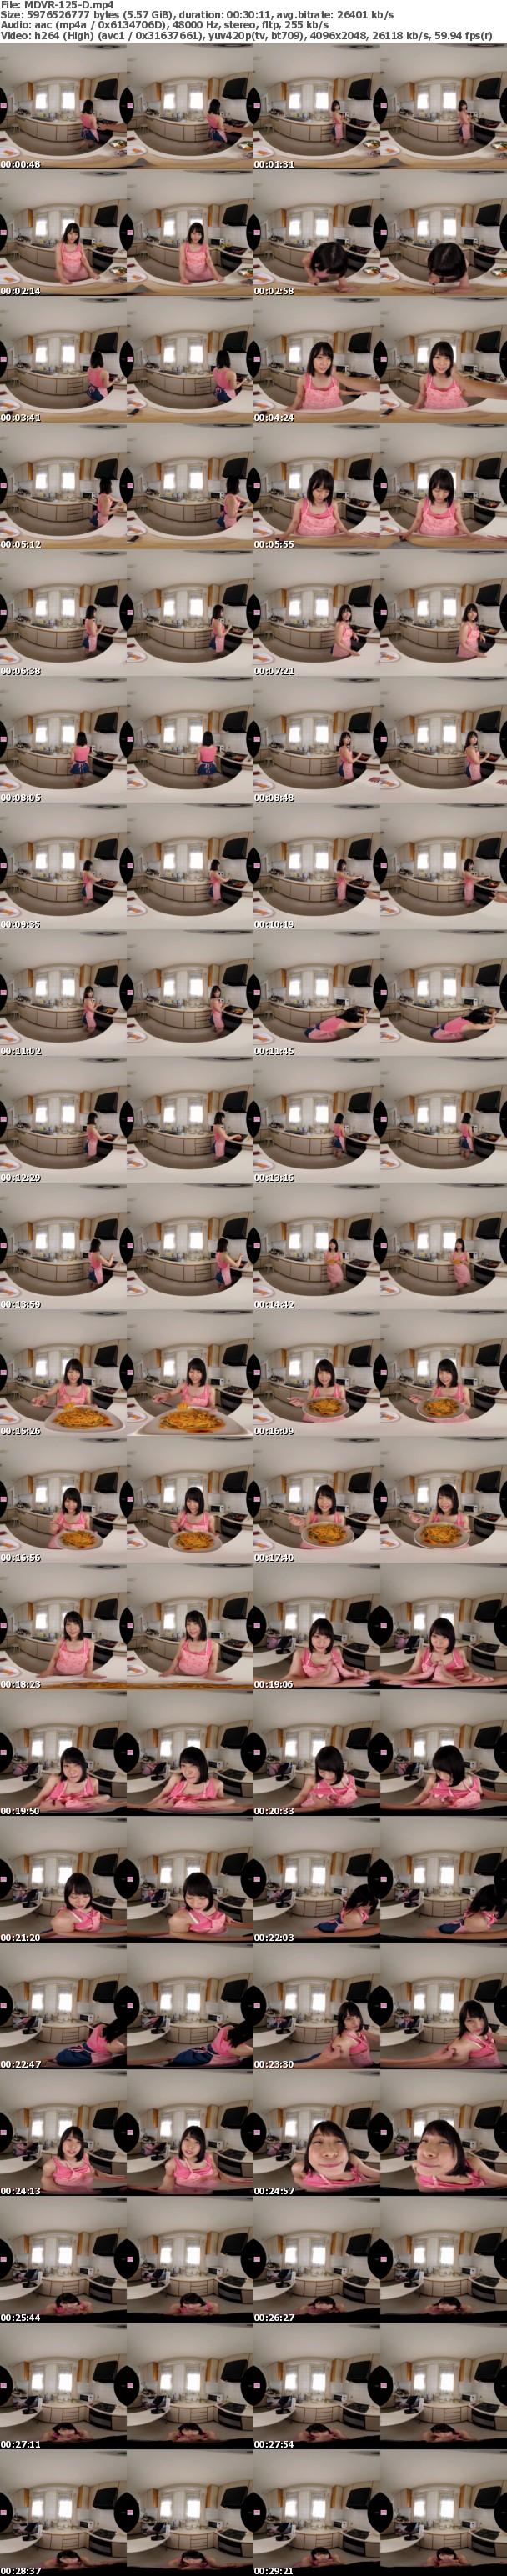 (VR) MDVR-125 八木奈々初VR!! ゆっくりだけどいっぱい!奈々と2人で気持ちよくなろっ!!170分2SEX高画質SPECIAL!!